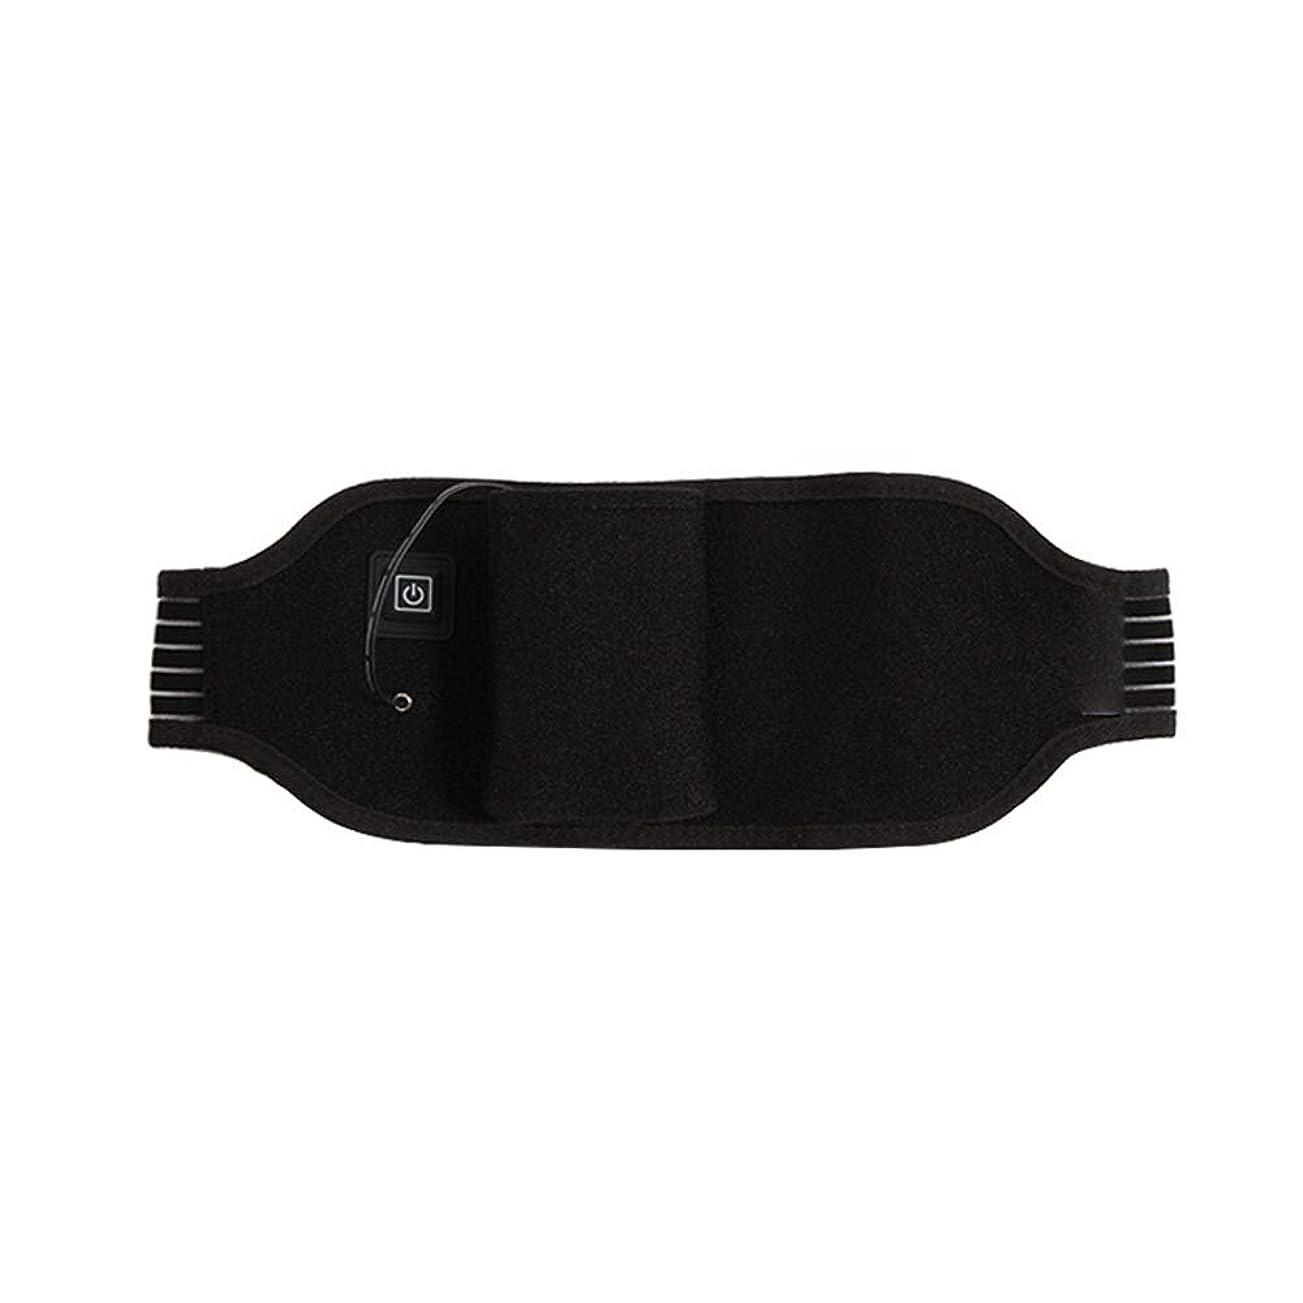 石鹸のれん郵便局ポータブルけいれん月経治療の痛みを軽減するための加熱ウエストベルト温水戻るラップサポート調節可能なブレースラスティング 腰痛保護バンド (色 : ブラック, サイズ : FREE SIZE)